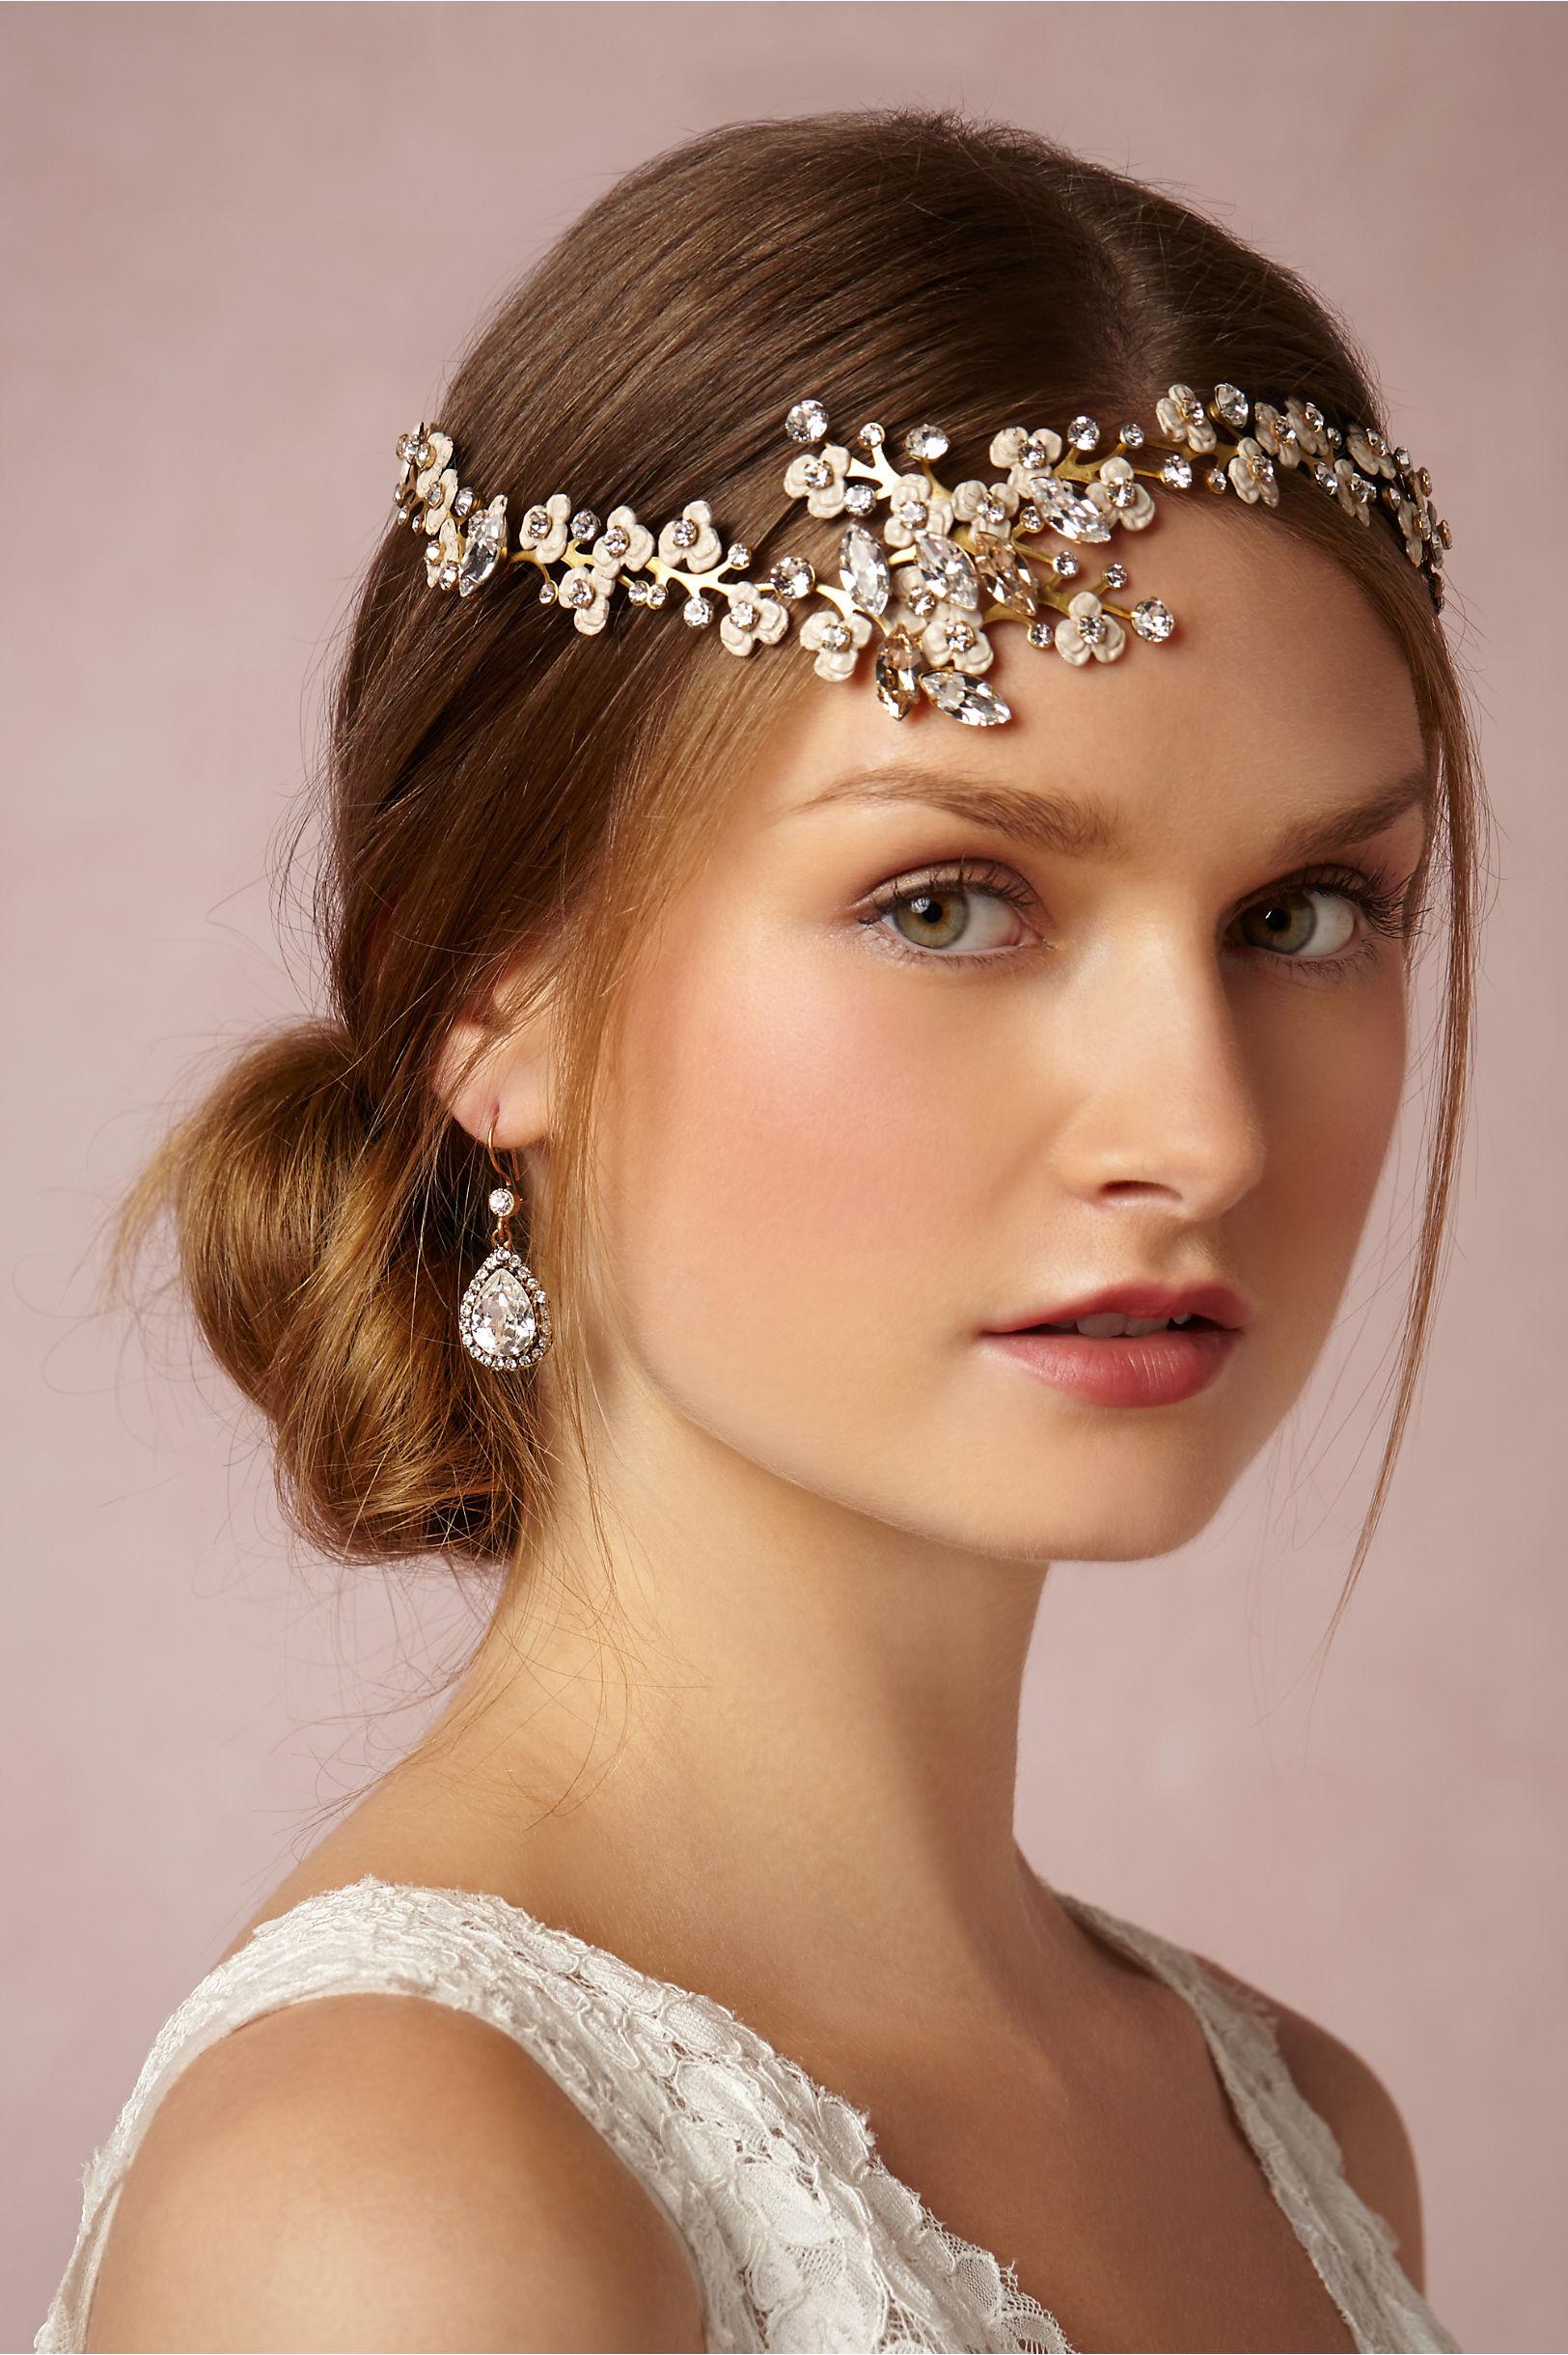 Bridal Headpiece by Bhldn